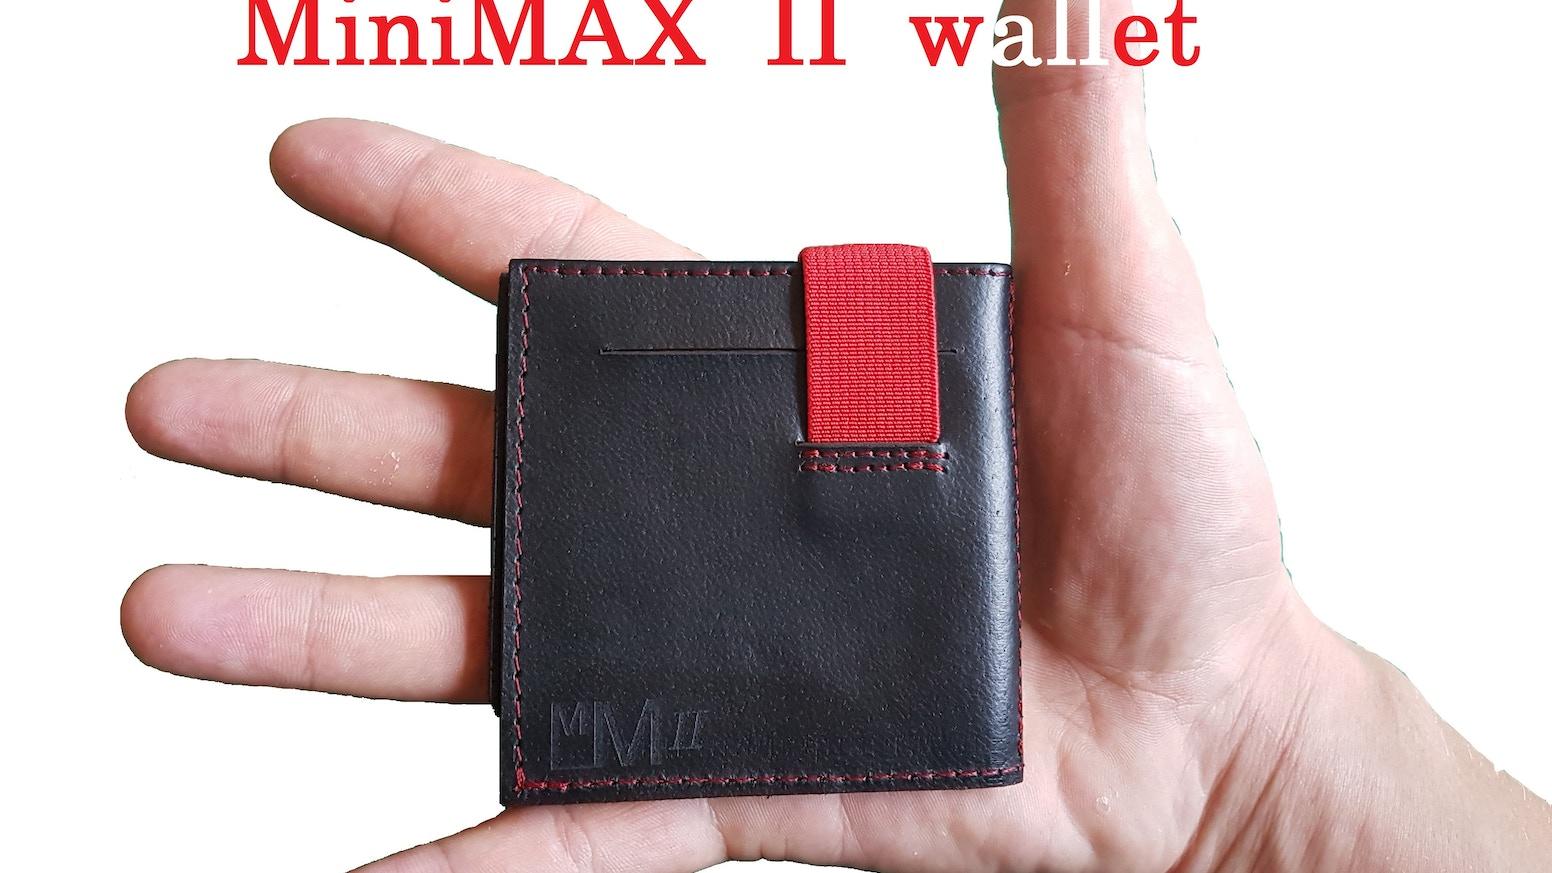 d66c392c6 SEMI-Minimalist leather WALLET for Cash, Cards and COINS! UNIQUE design I  Unique